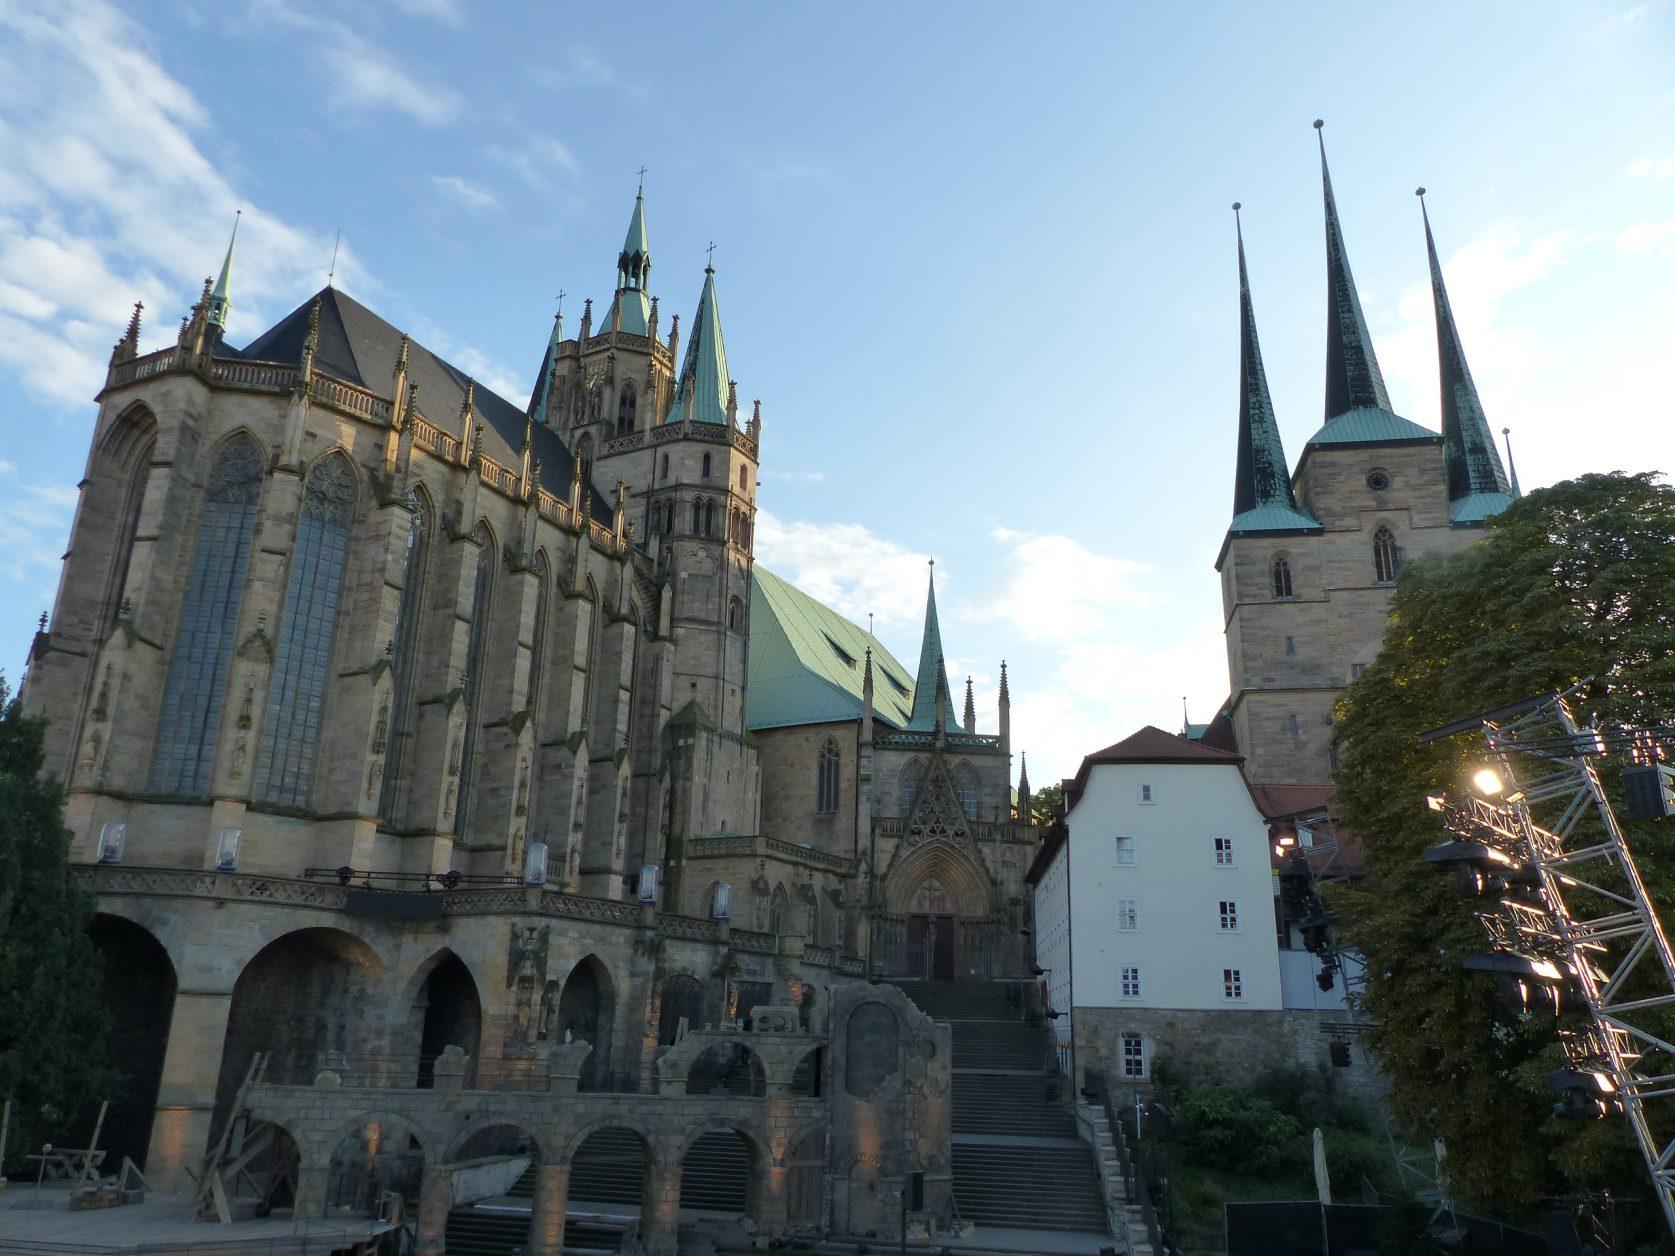 Blick auf den Dom Erfurt mit der Severikirche Foto: Weirauch